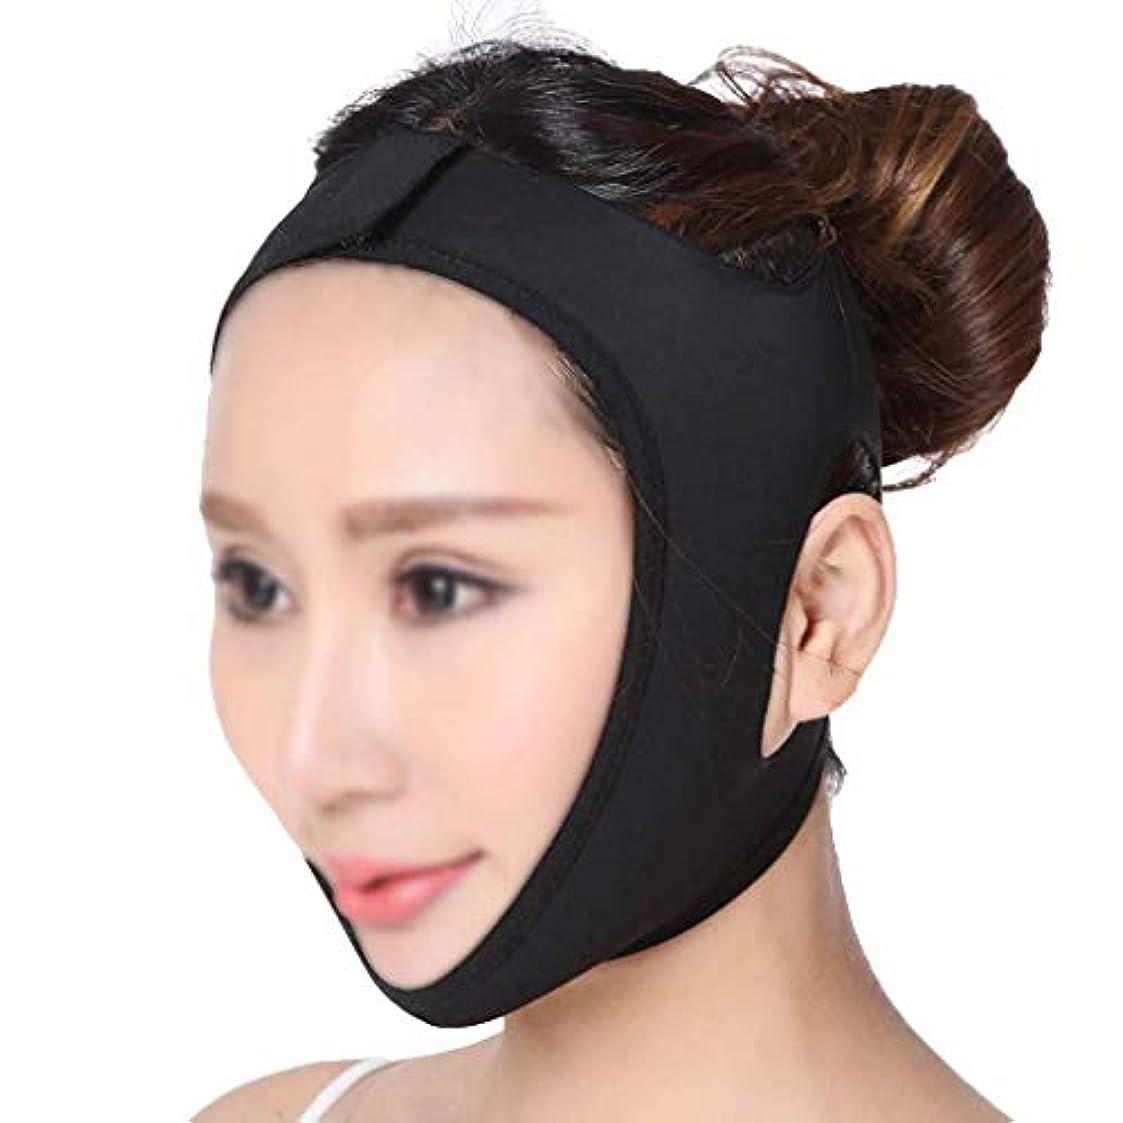 軽減するもっともらしい地上の引き締めフェイスマスク、フェイスリフトマスクフェイシャルマッサージャーVフェイスバンデージ薄いフェイスマスクフェイシャルリフティングファーミングフェイスインストゥルメントフェイス付き小顔ブラックフェイスマスク(サイズ:M)